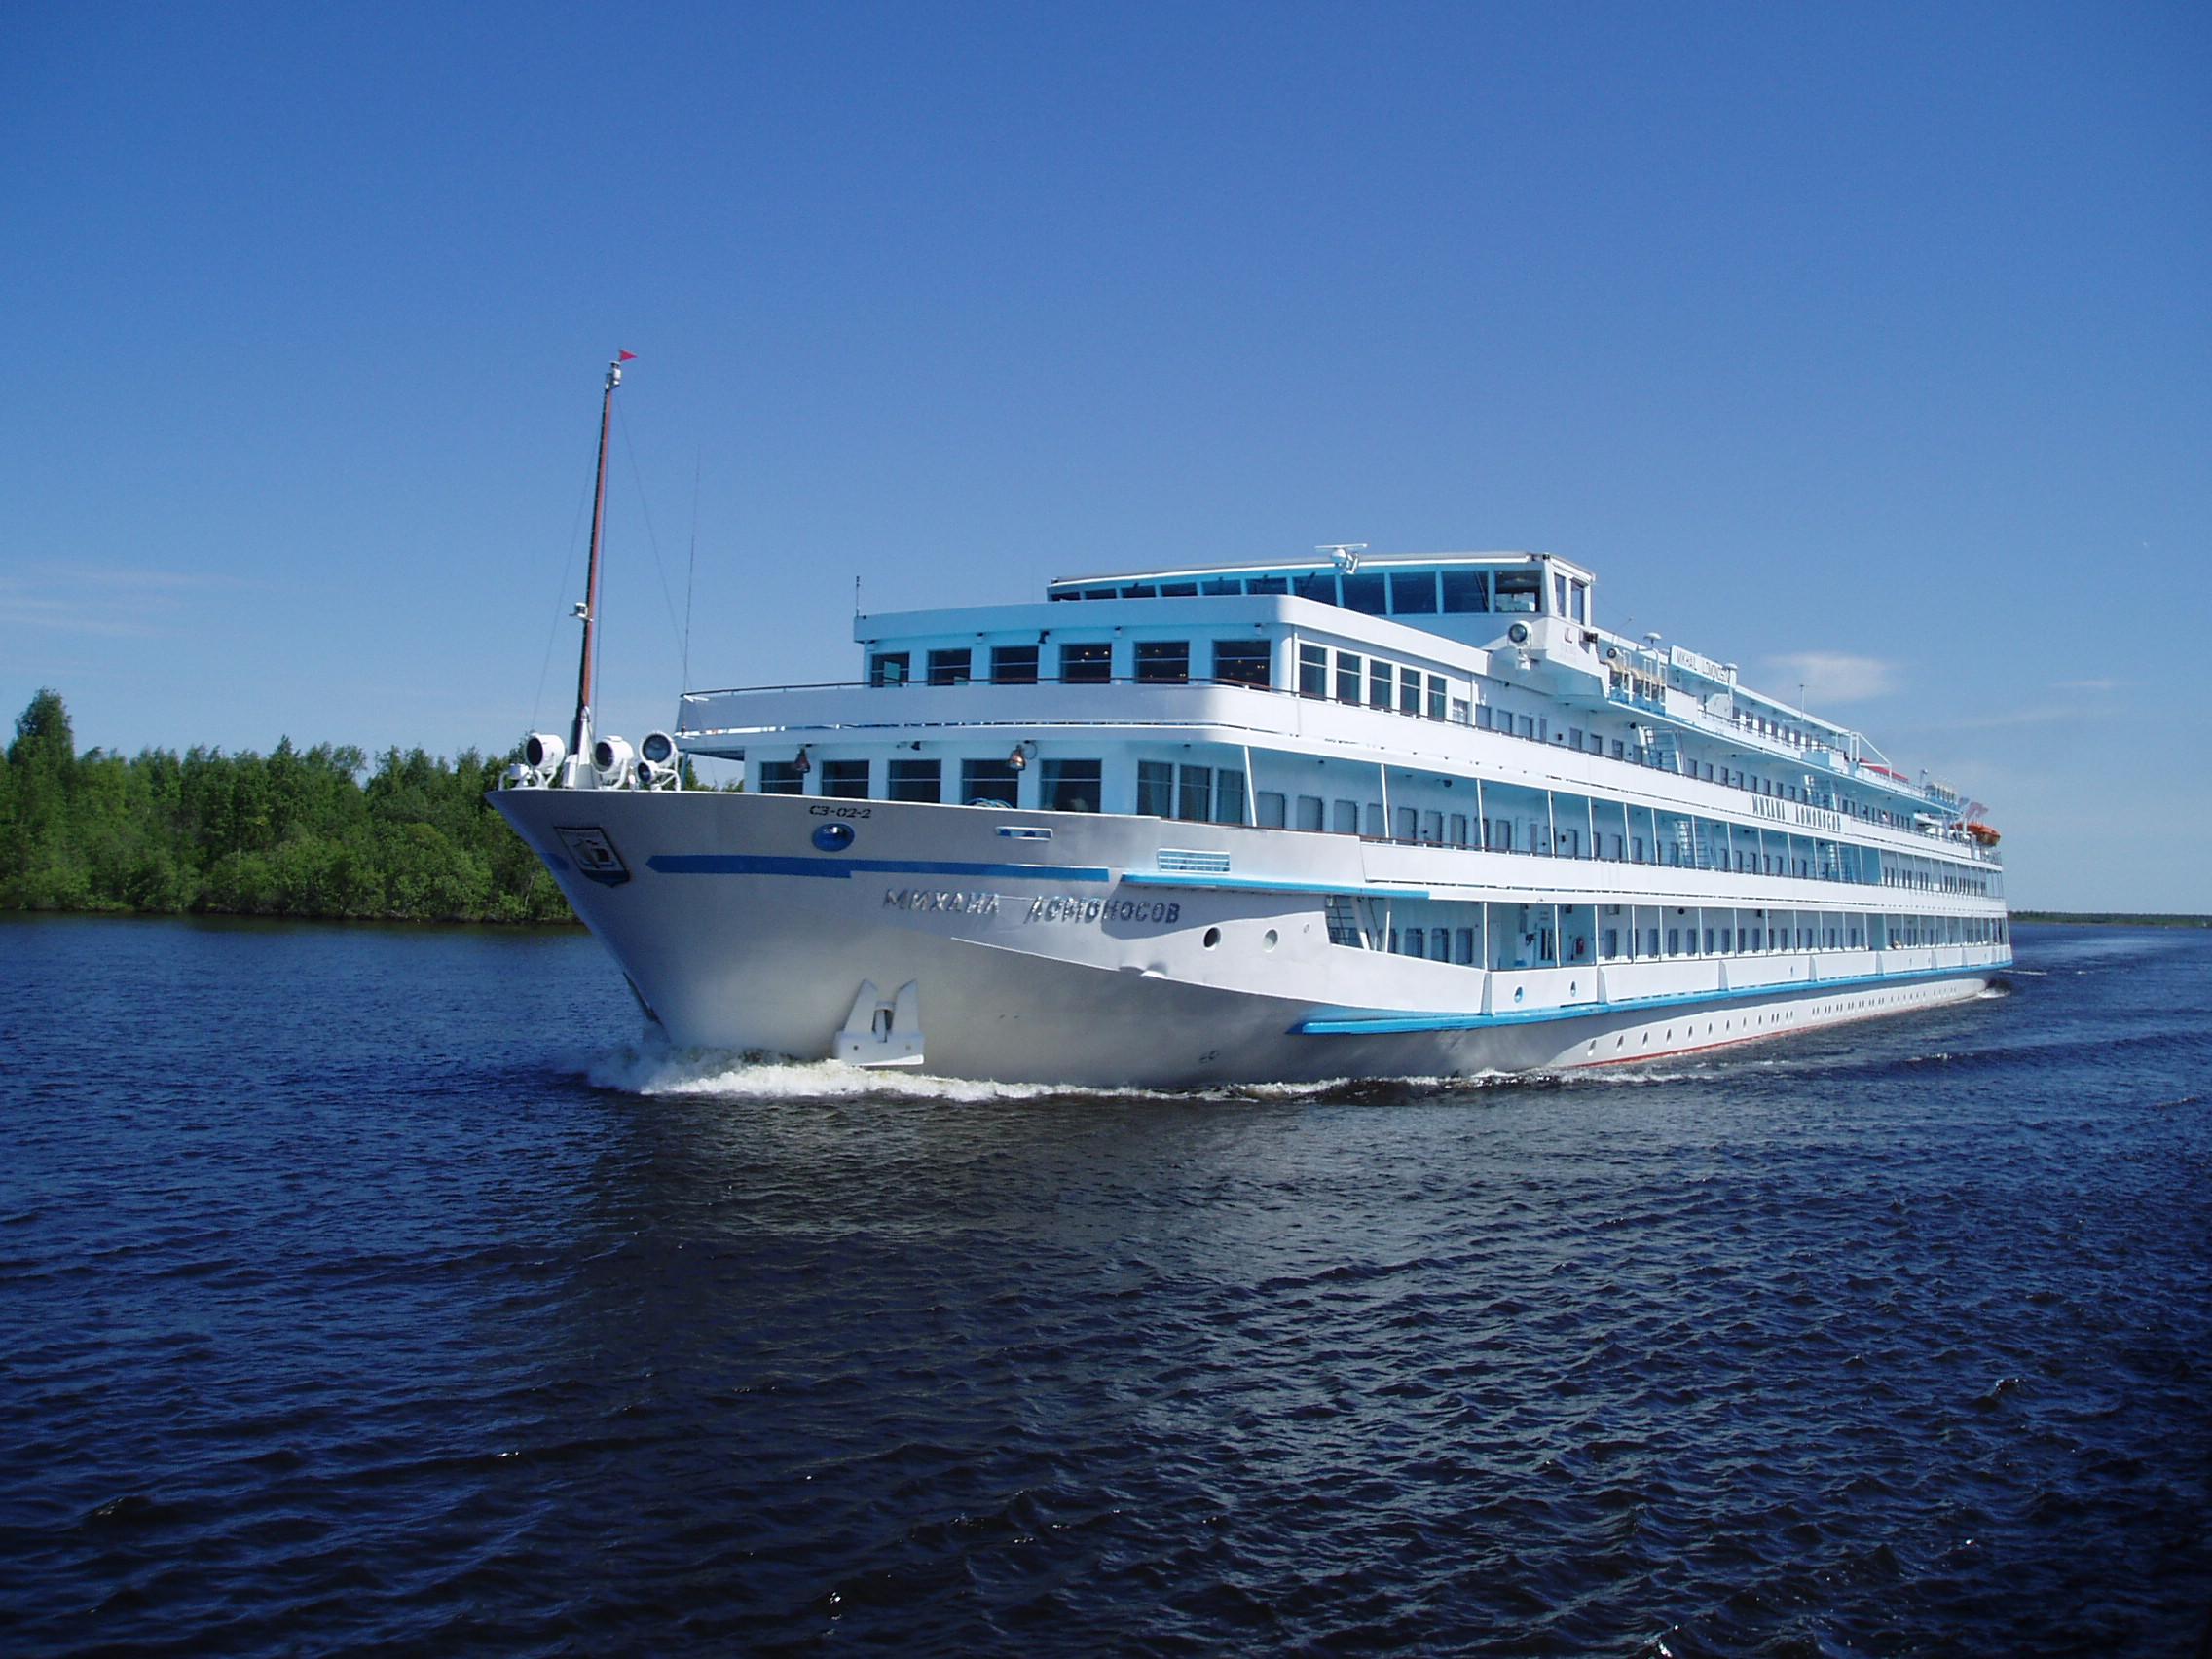 речной флот россии фото бетонного